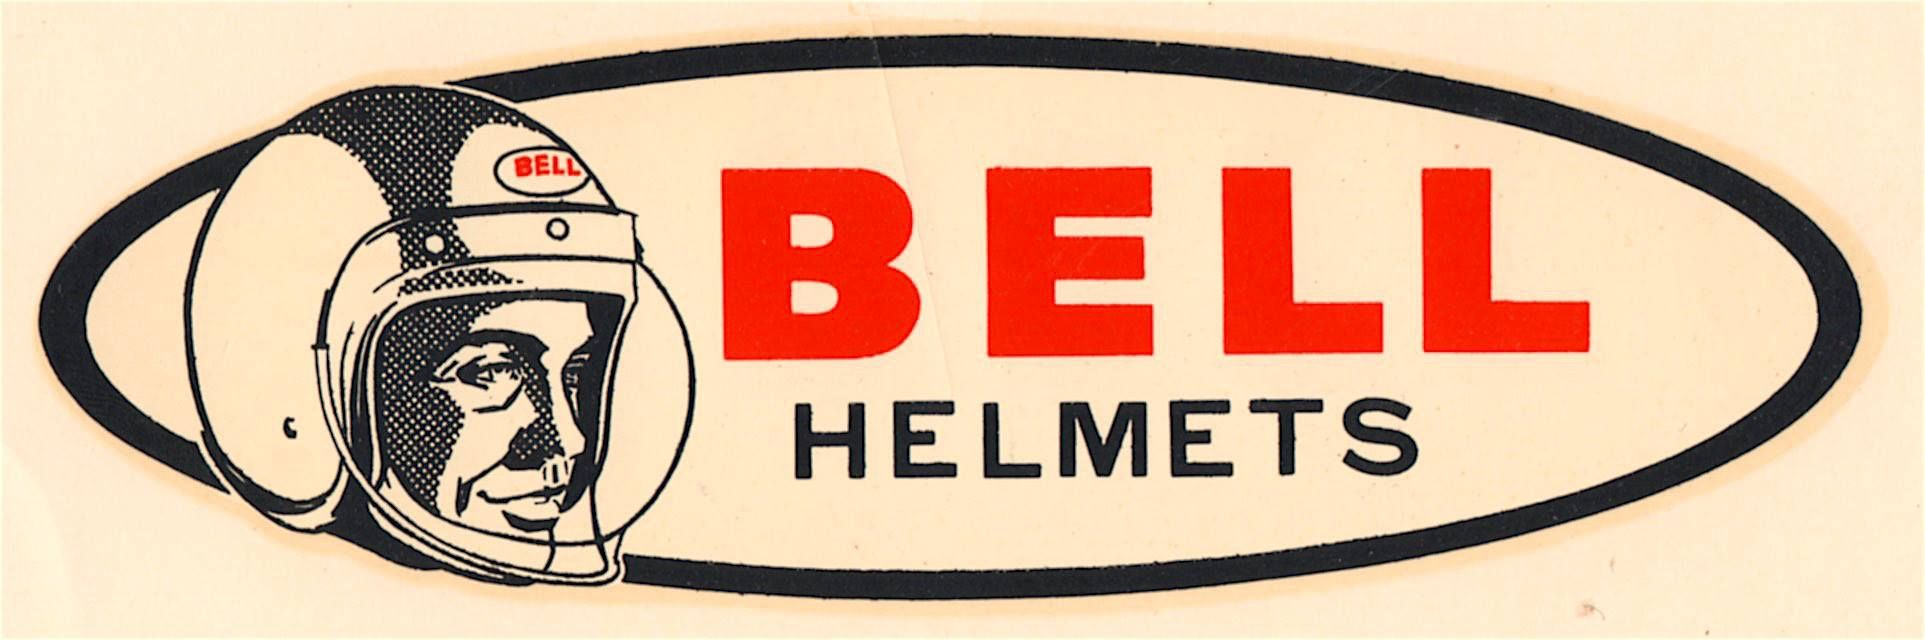 Bell helmets vintage racing decal